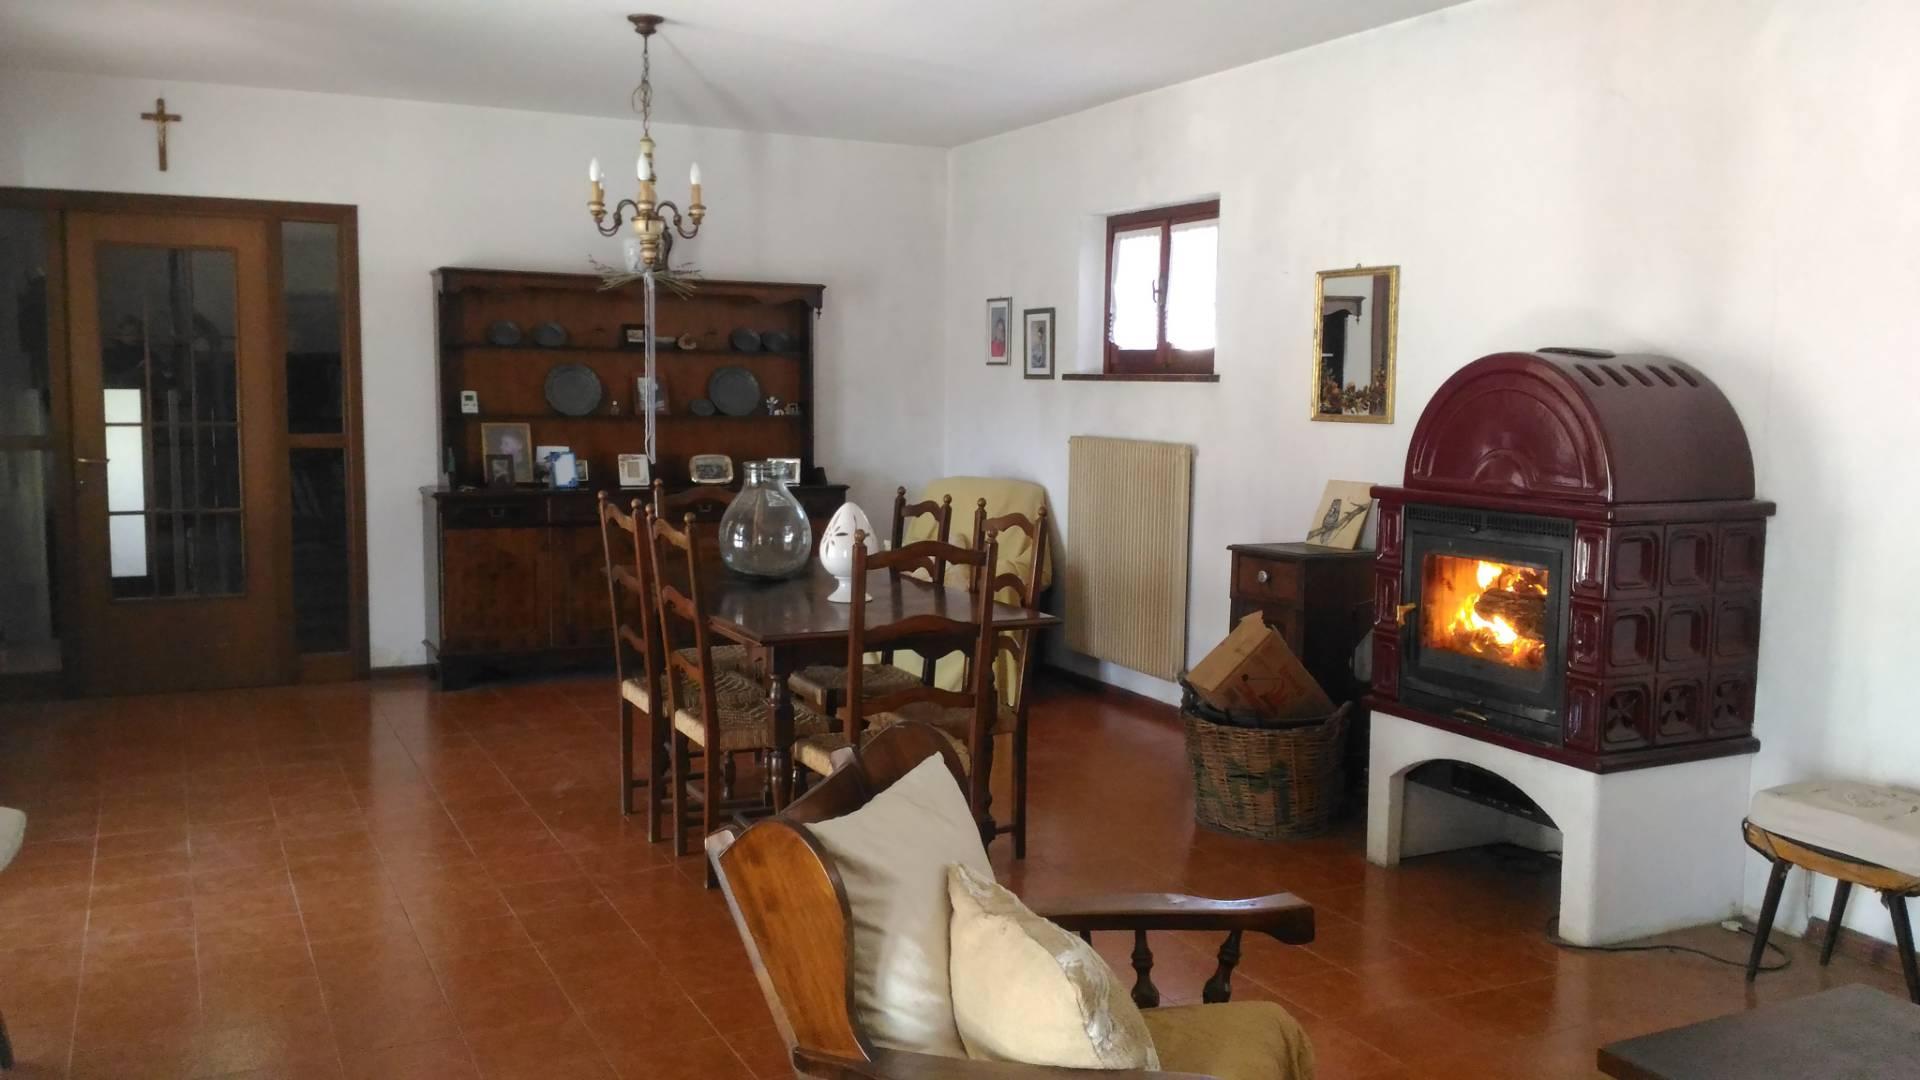 Soluzione Indipendente in vendita a Moruzzo, 7 locali, prezzo € 295.000 | CambioCasa.it